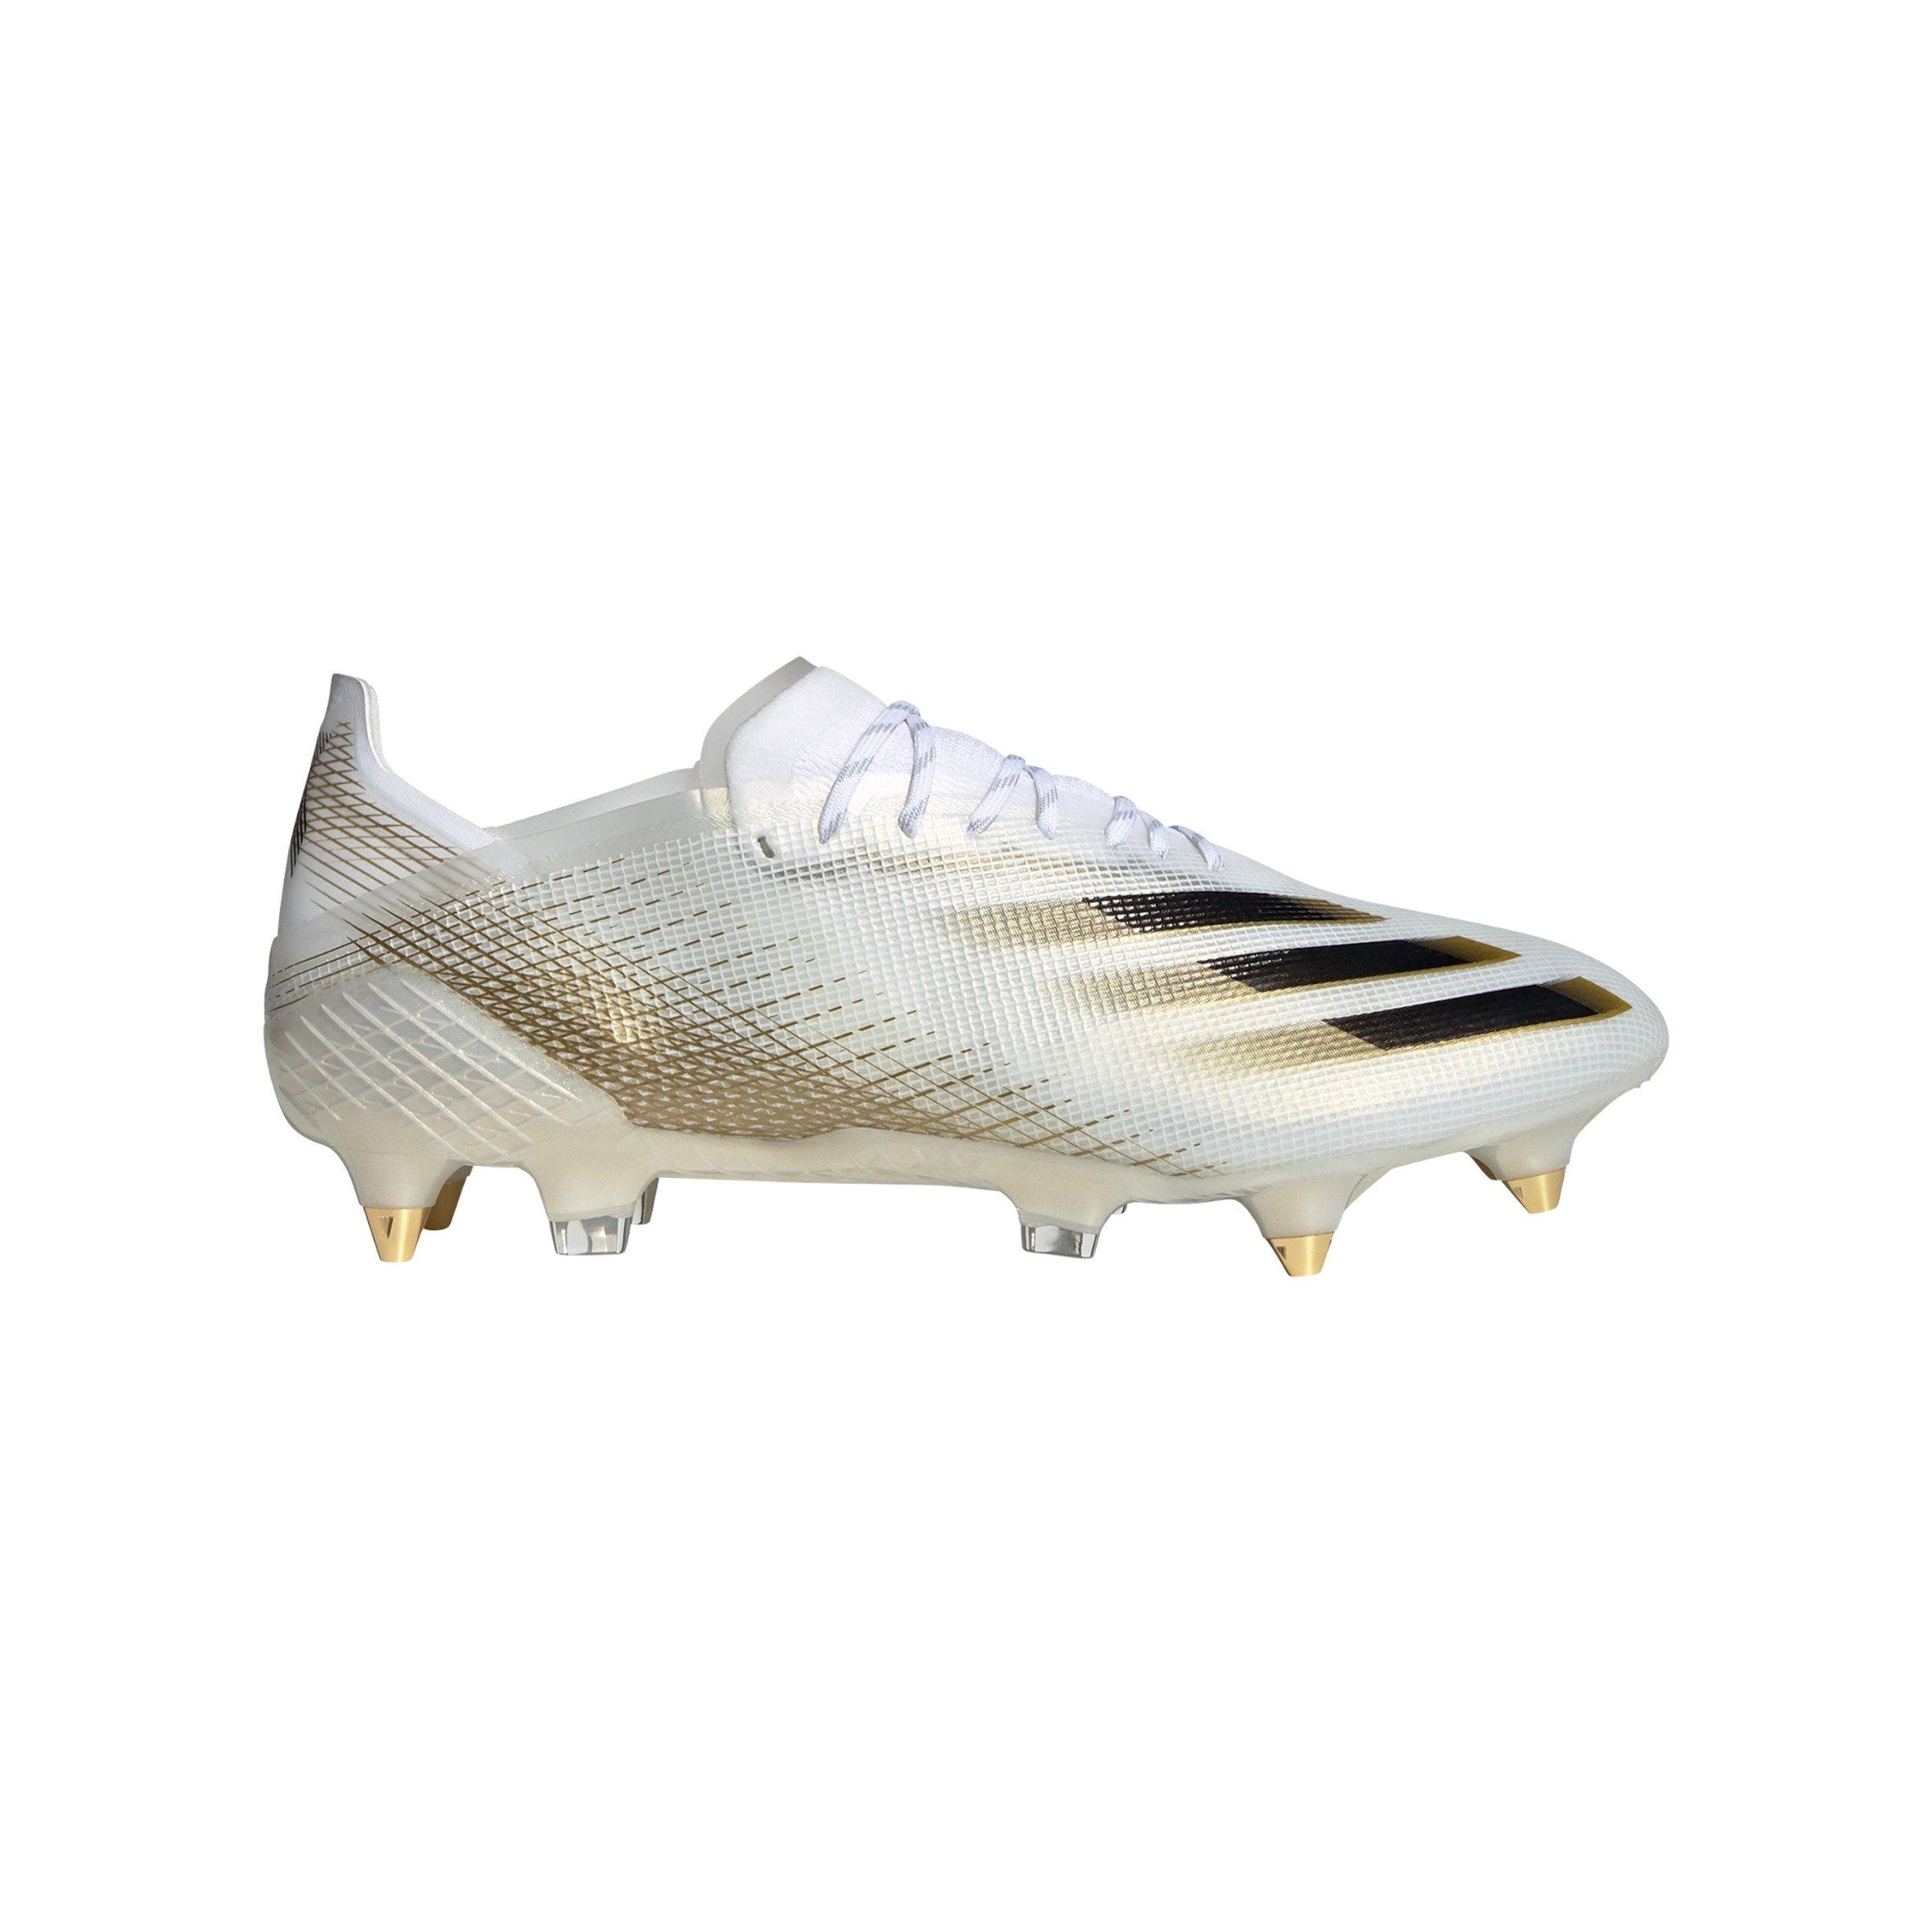 adidas X GHOSTED.1 SG Inflight Weiss Schwarz Gold - weiss